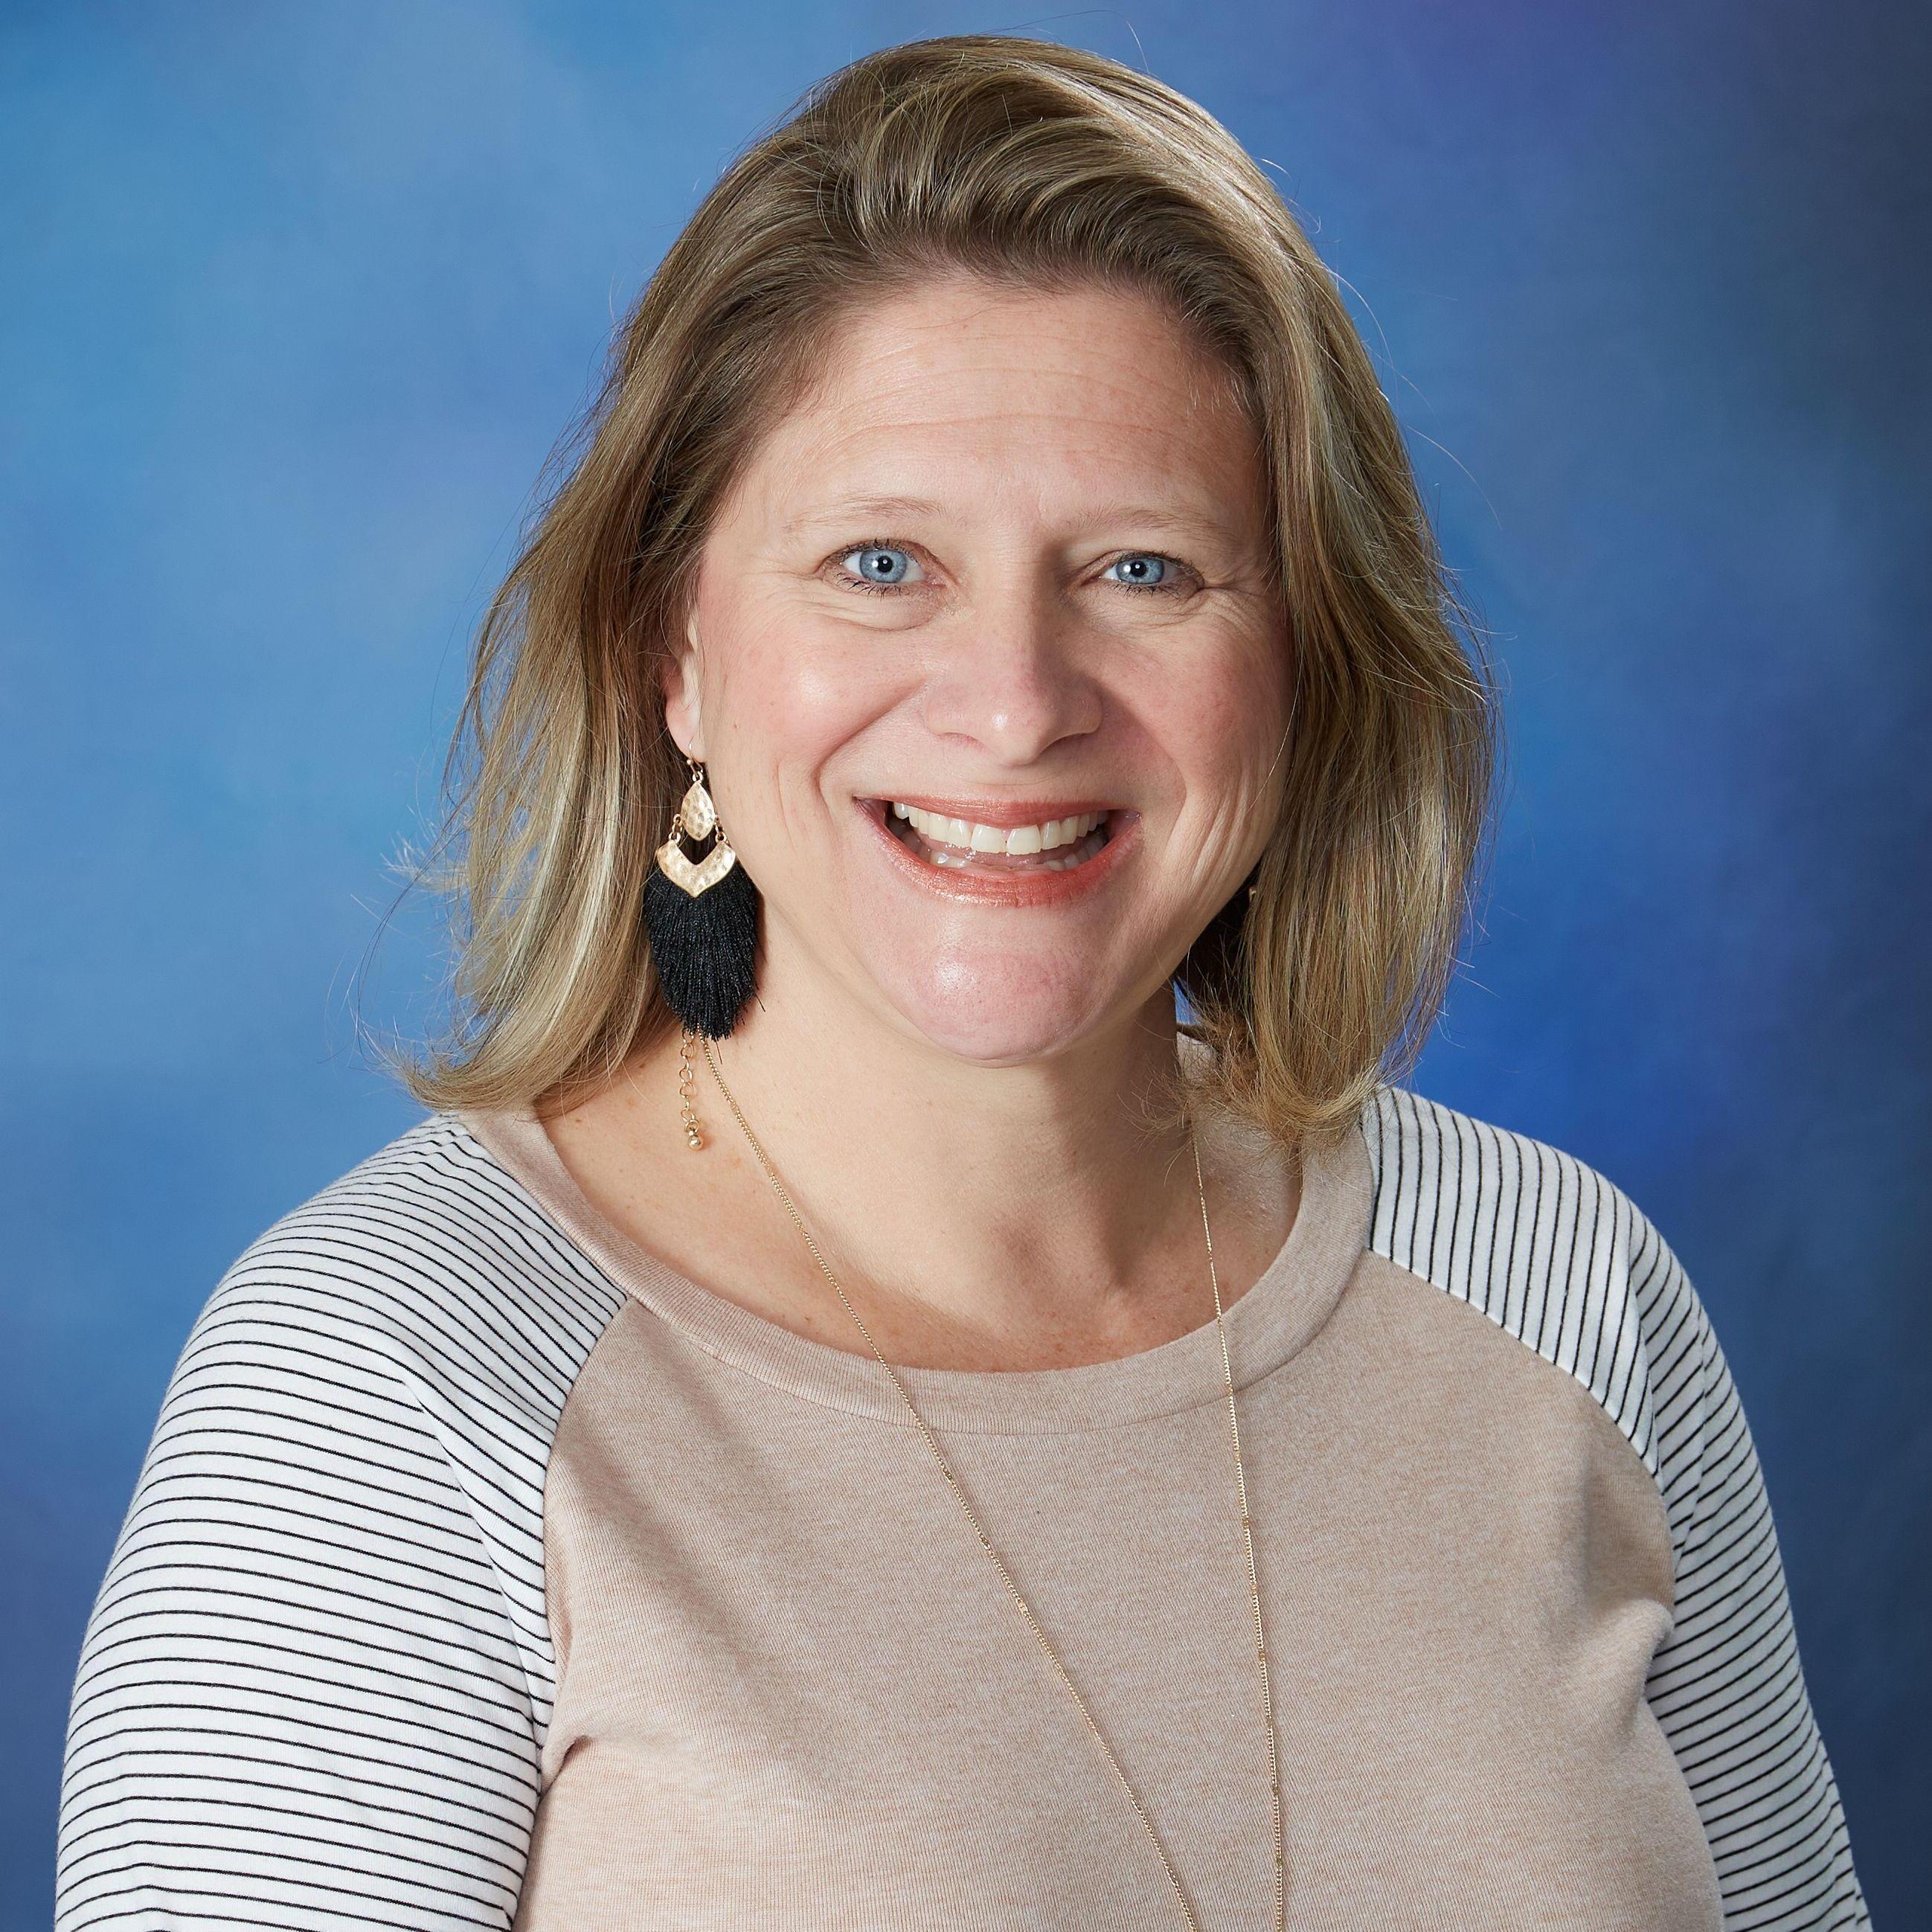 Aimee Maldonado's Profile Photo